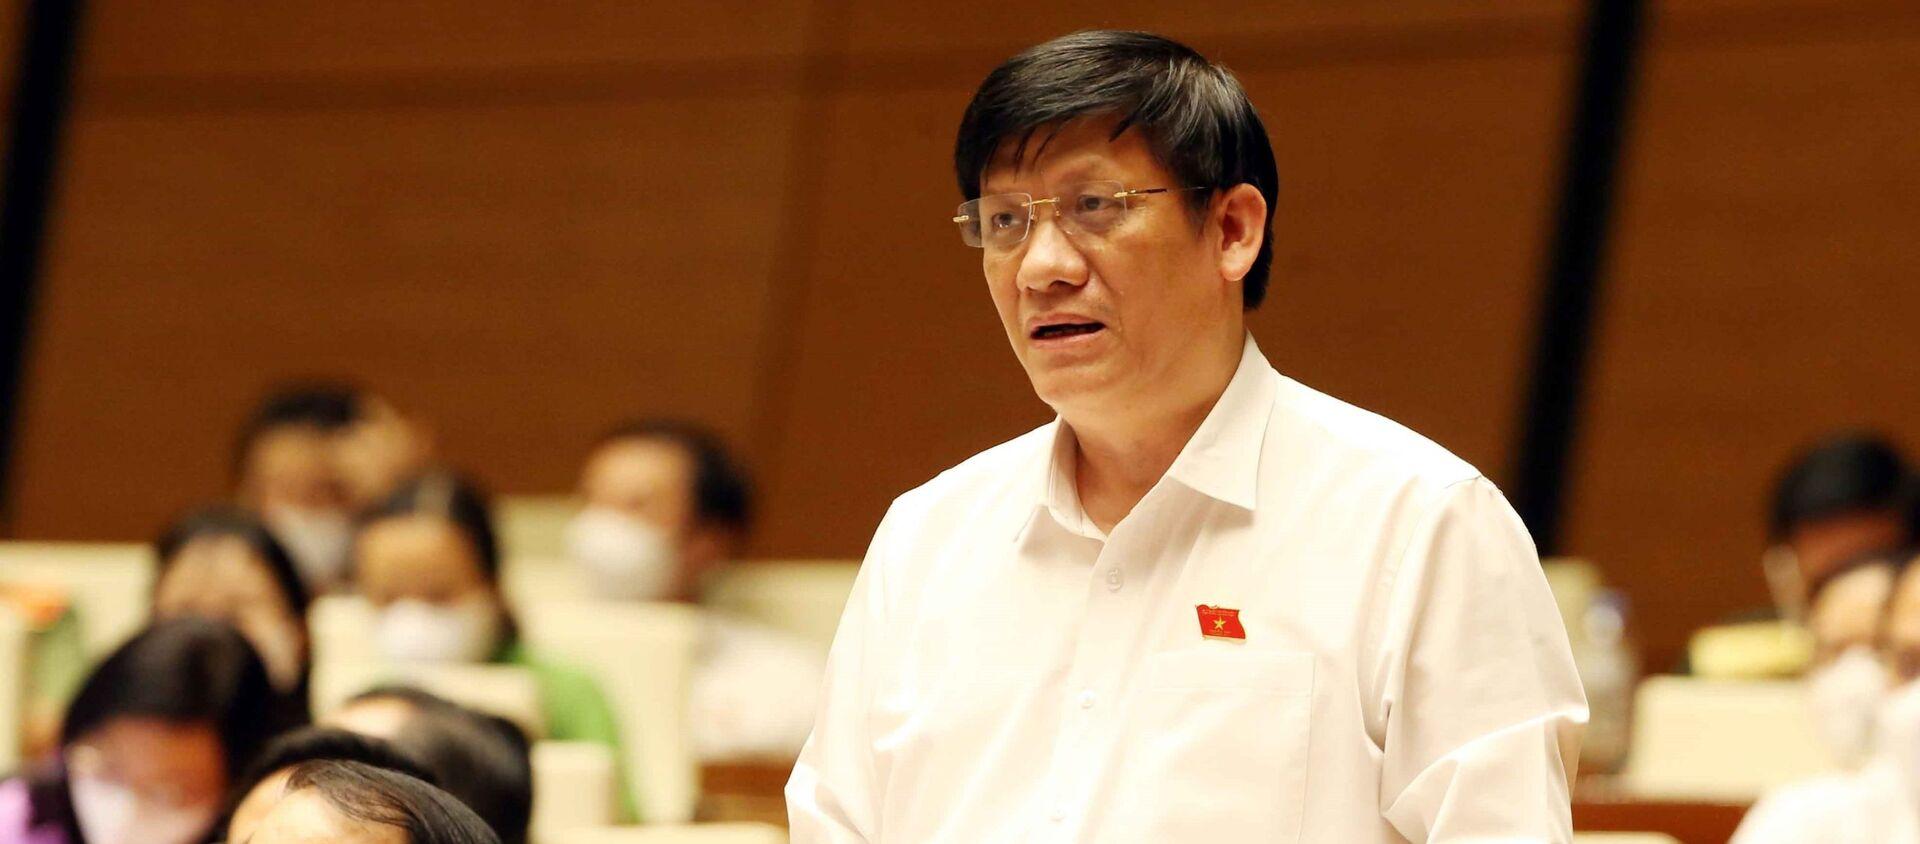 Bộ trưởng Bộ Y tế Nguyễn Thanh Long phát biểu - Sputnik Việt Nam, 1920, 30.07.2021